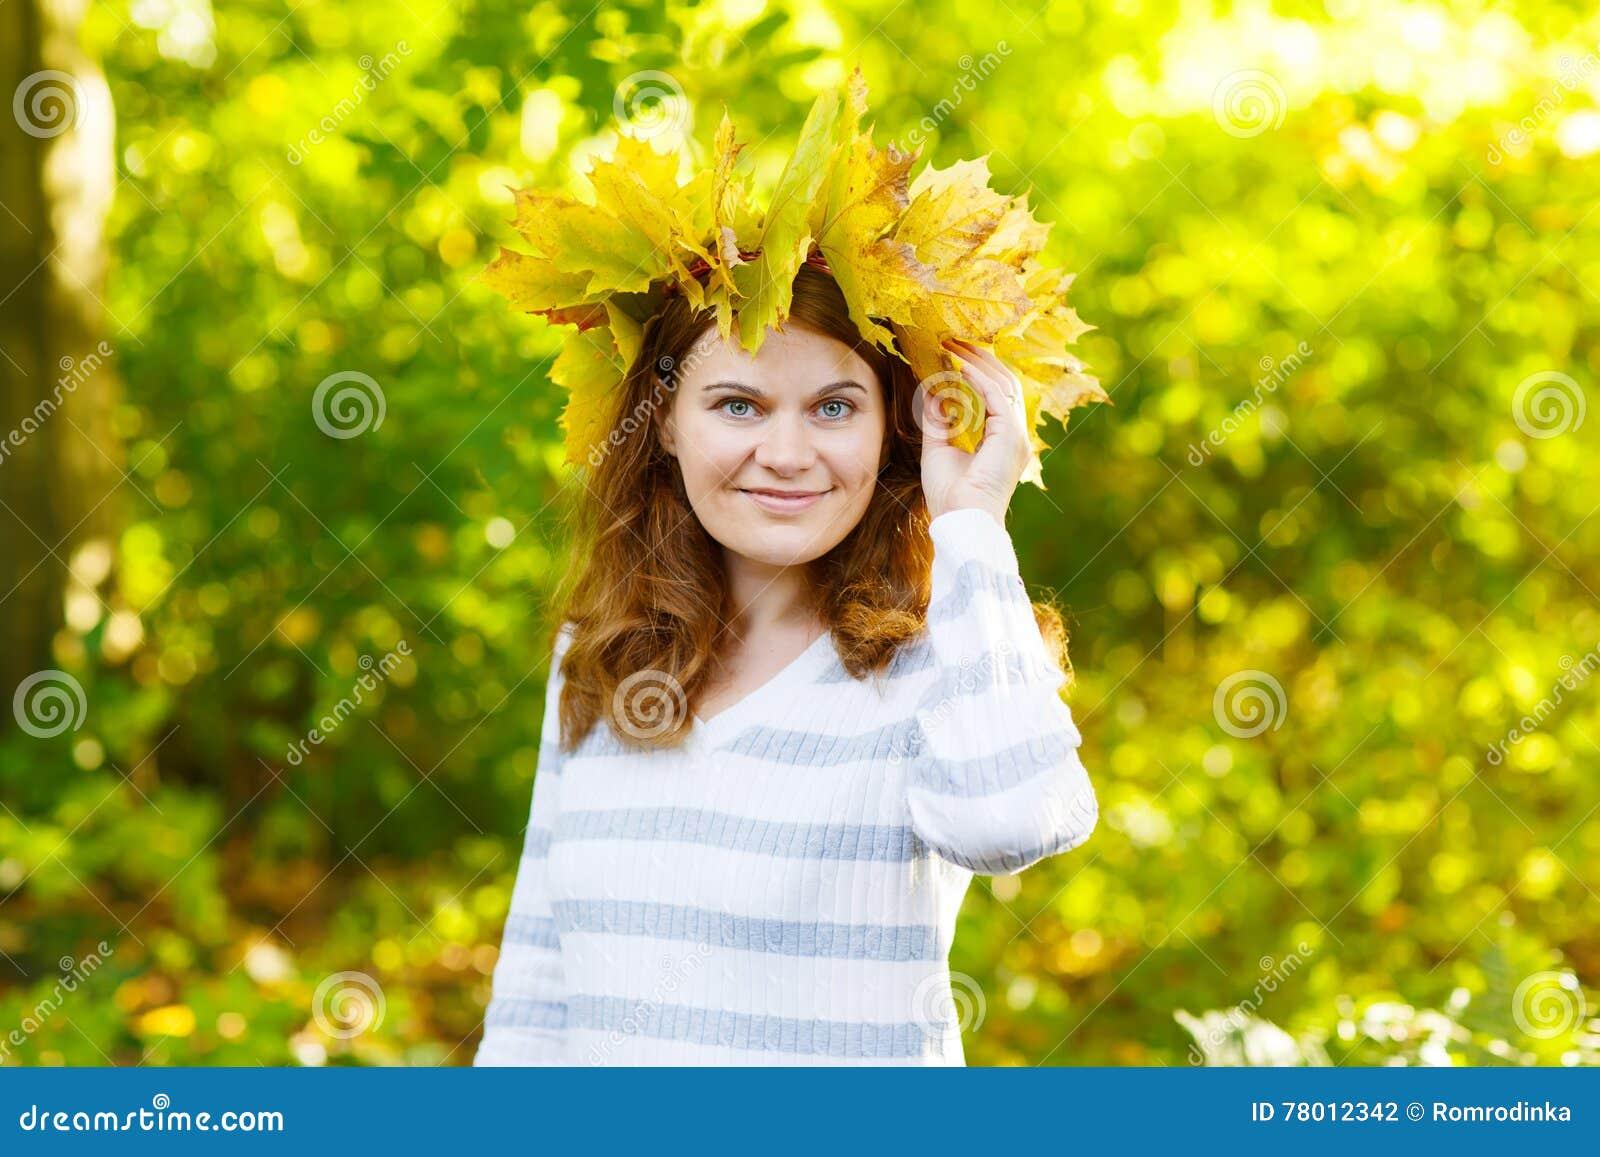 Szczęśliwa młoda kobieta z jesień liści klonowych girlandą w parku